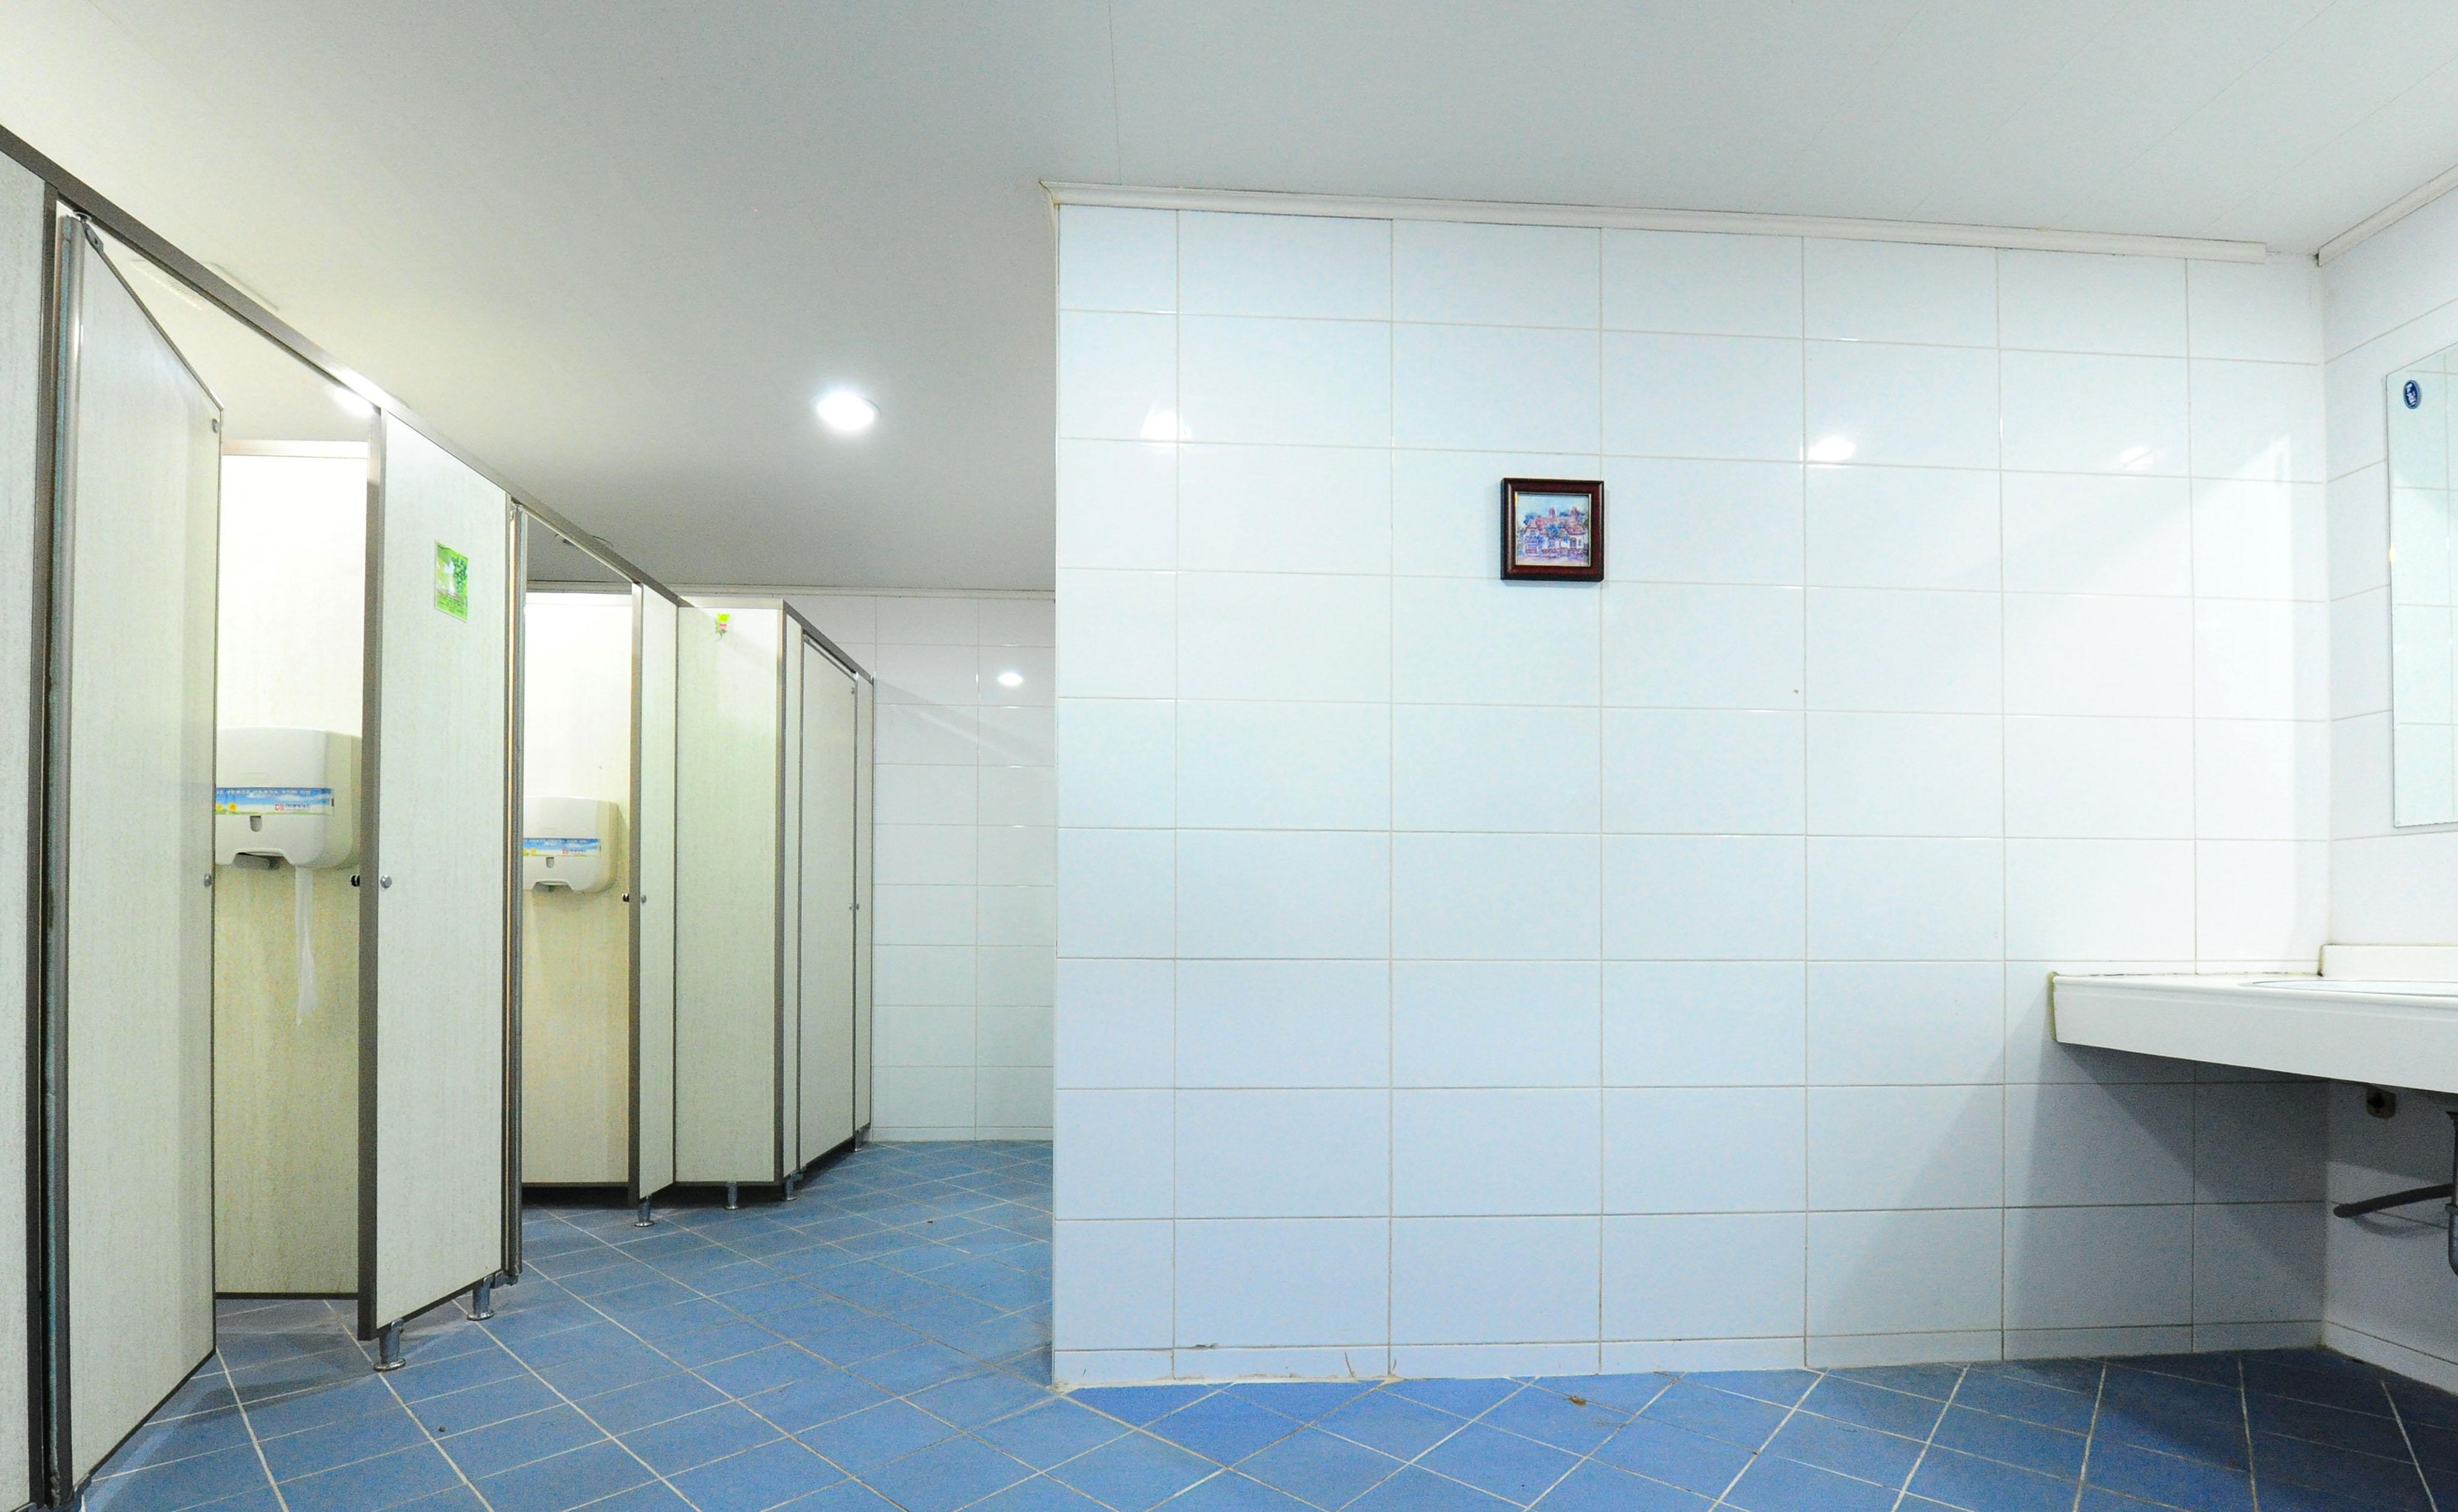 3층 남, 여 화장실